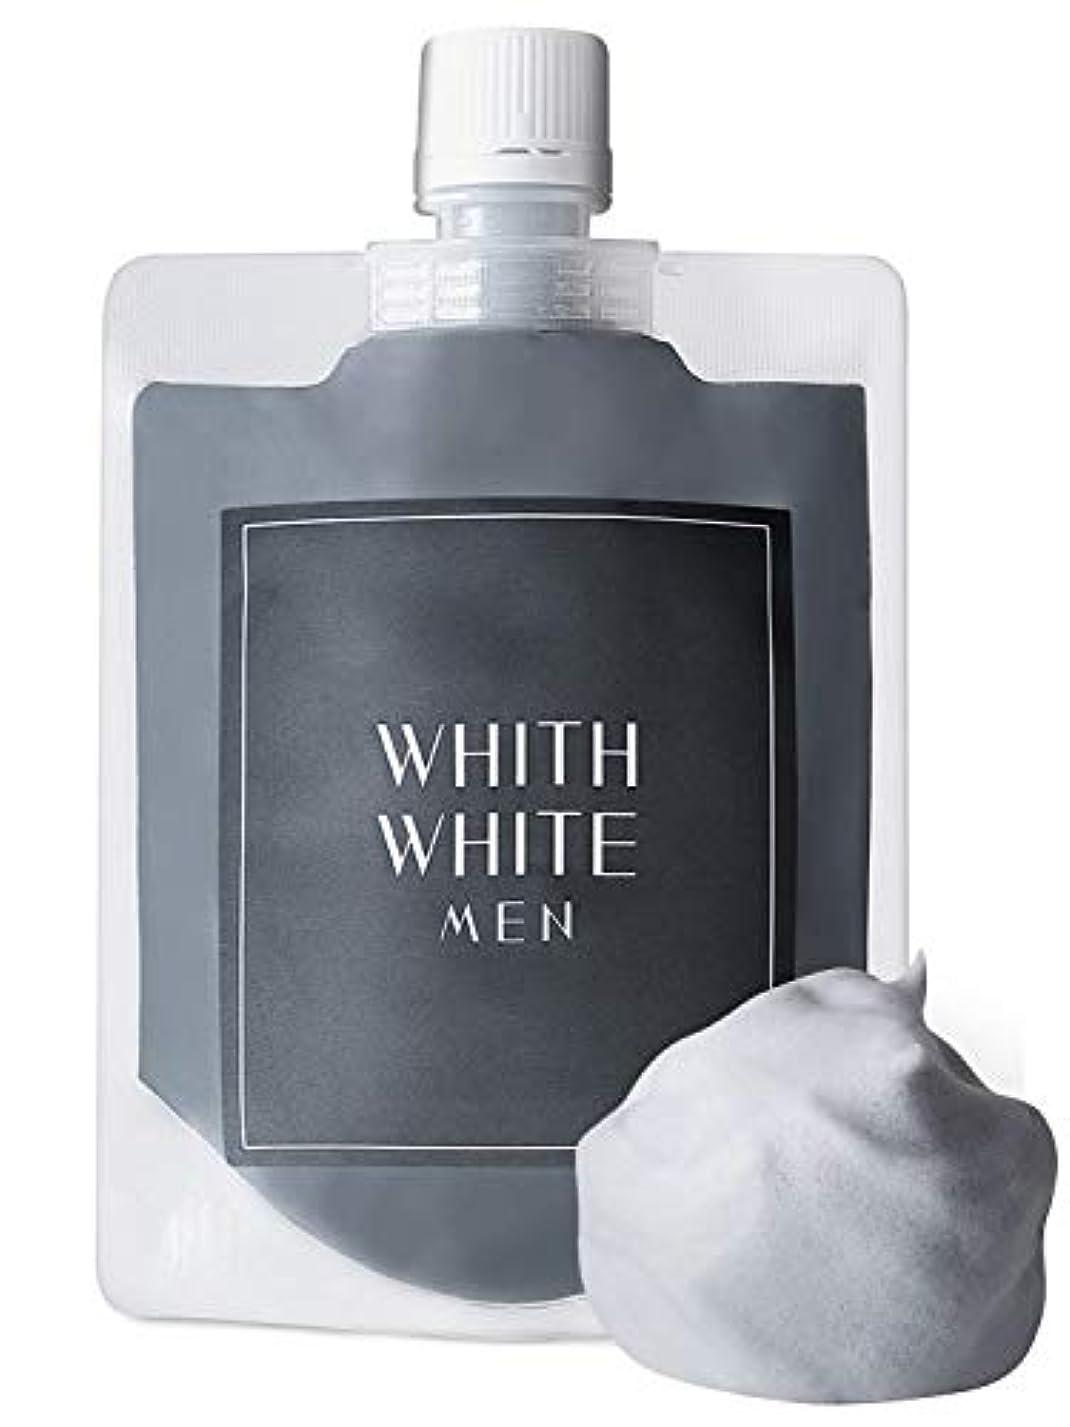 ロマンス吸い込む防ぐフィス ホワイト メンズ 泥 洗顔 ネット 付き 8つの 無添加 洗顔フォーム (炭 泡 クレイ で 顔 汚れ を 落とす) (日本製 洗顔料 130g リッチ セット)(どろ で 毛穴 を ごっそり 除去)